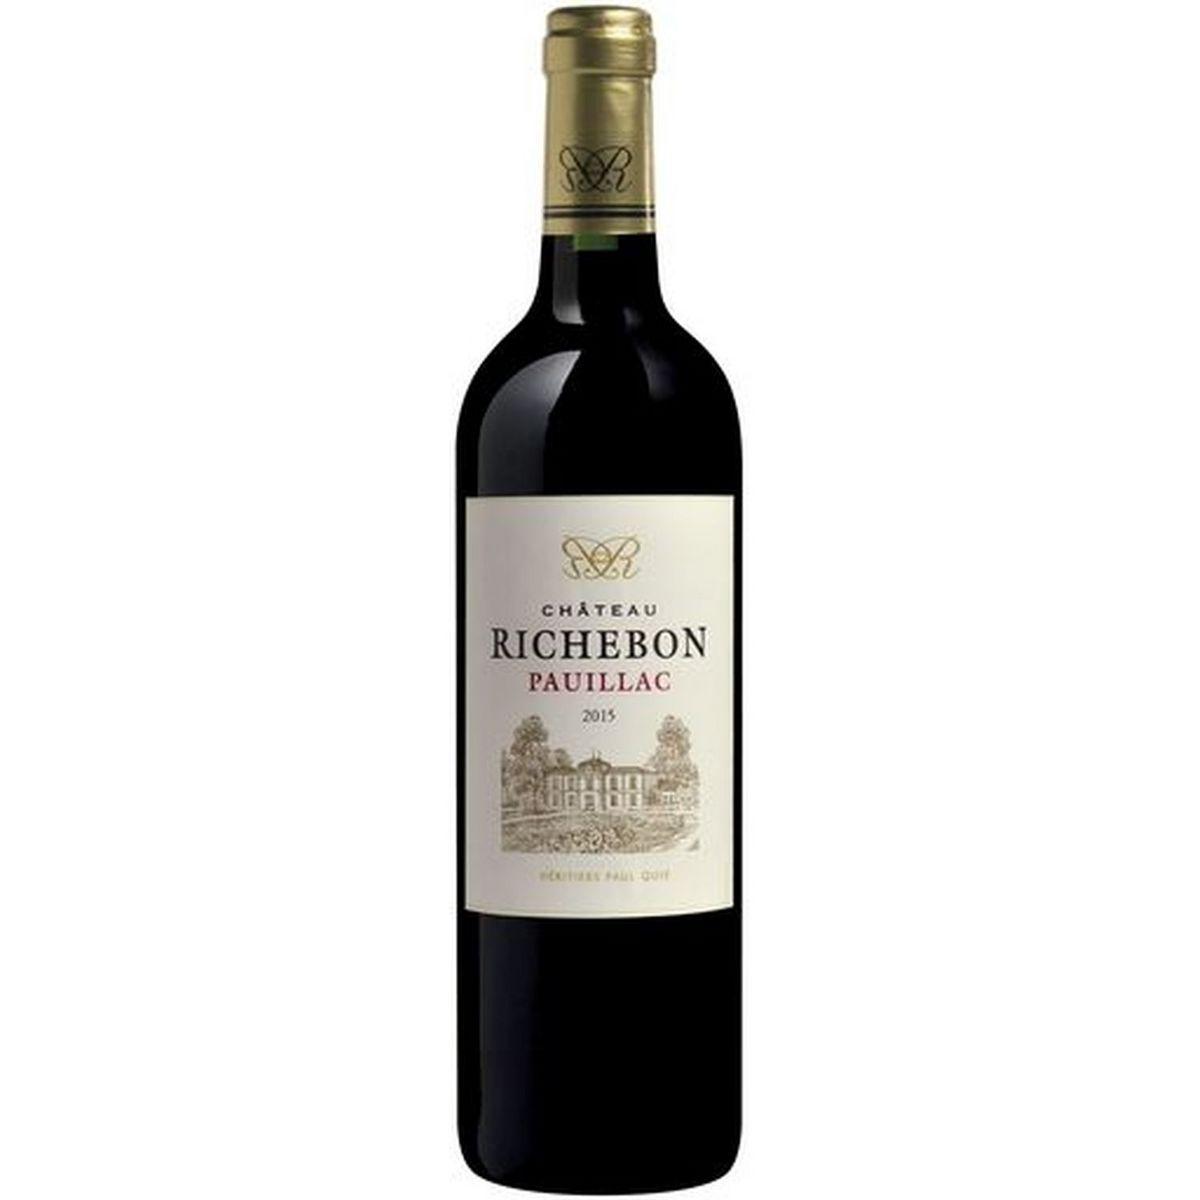 AOP Pauillac Château Richebon rouge 2015